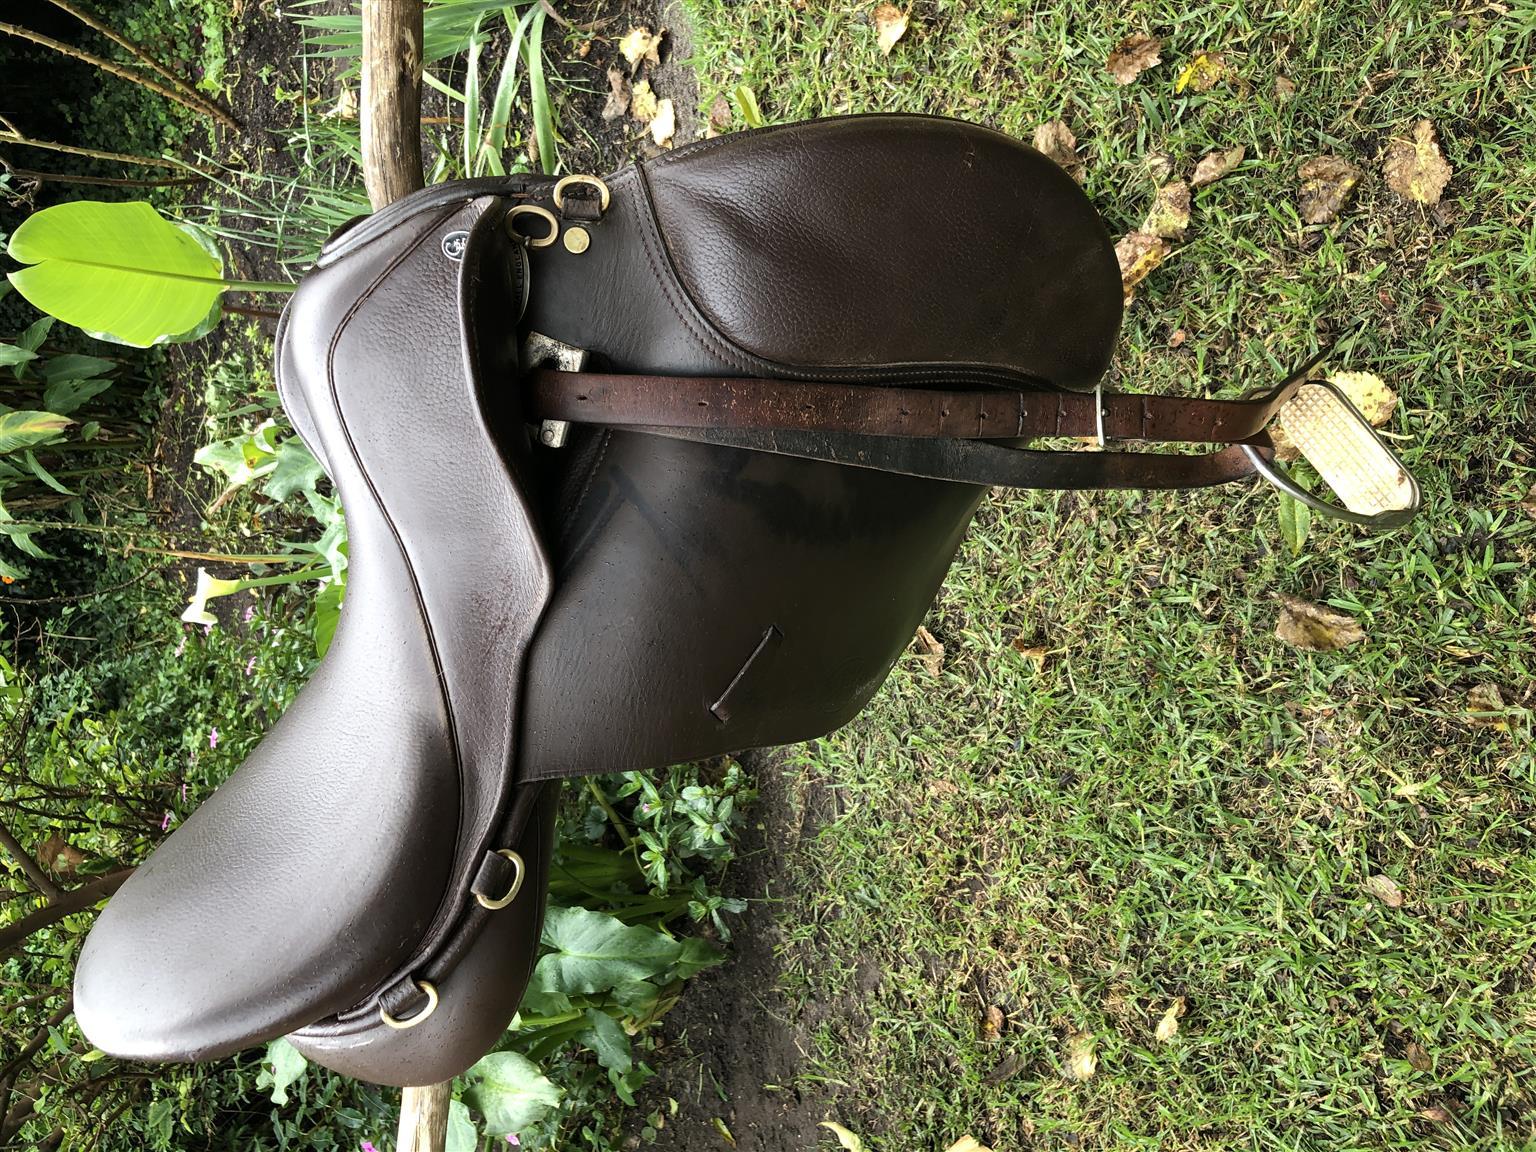 Horse riding saddle